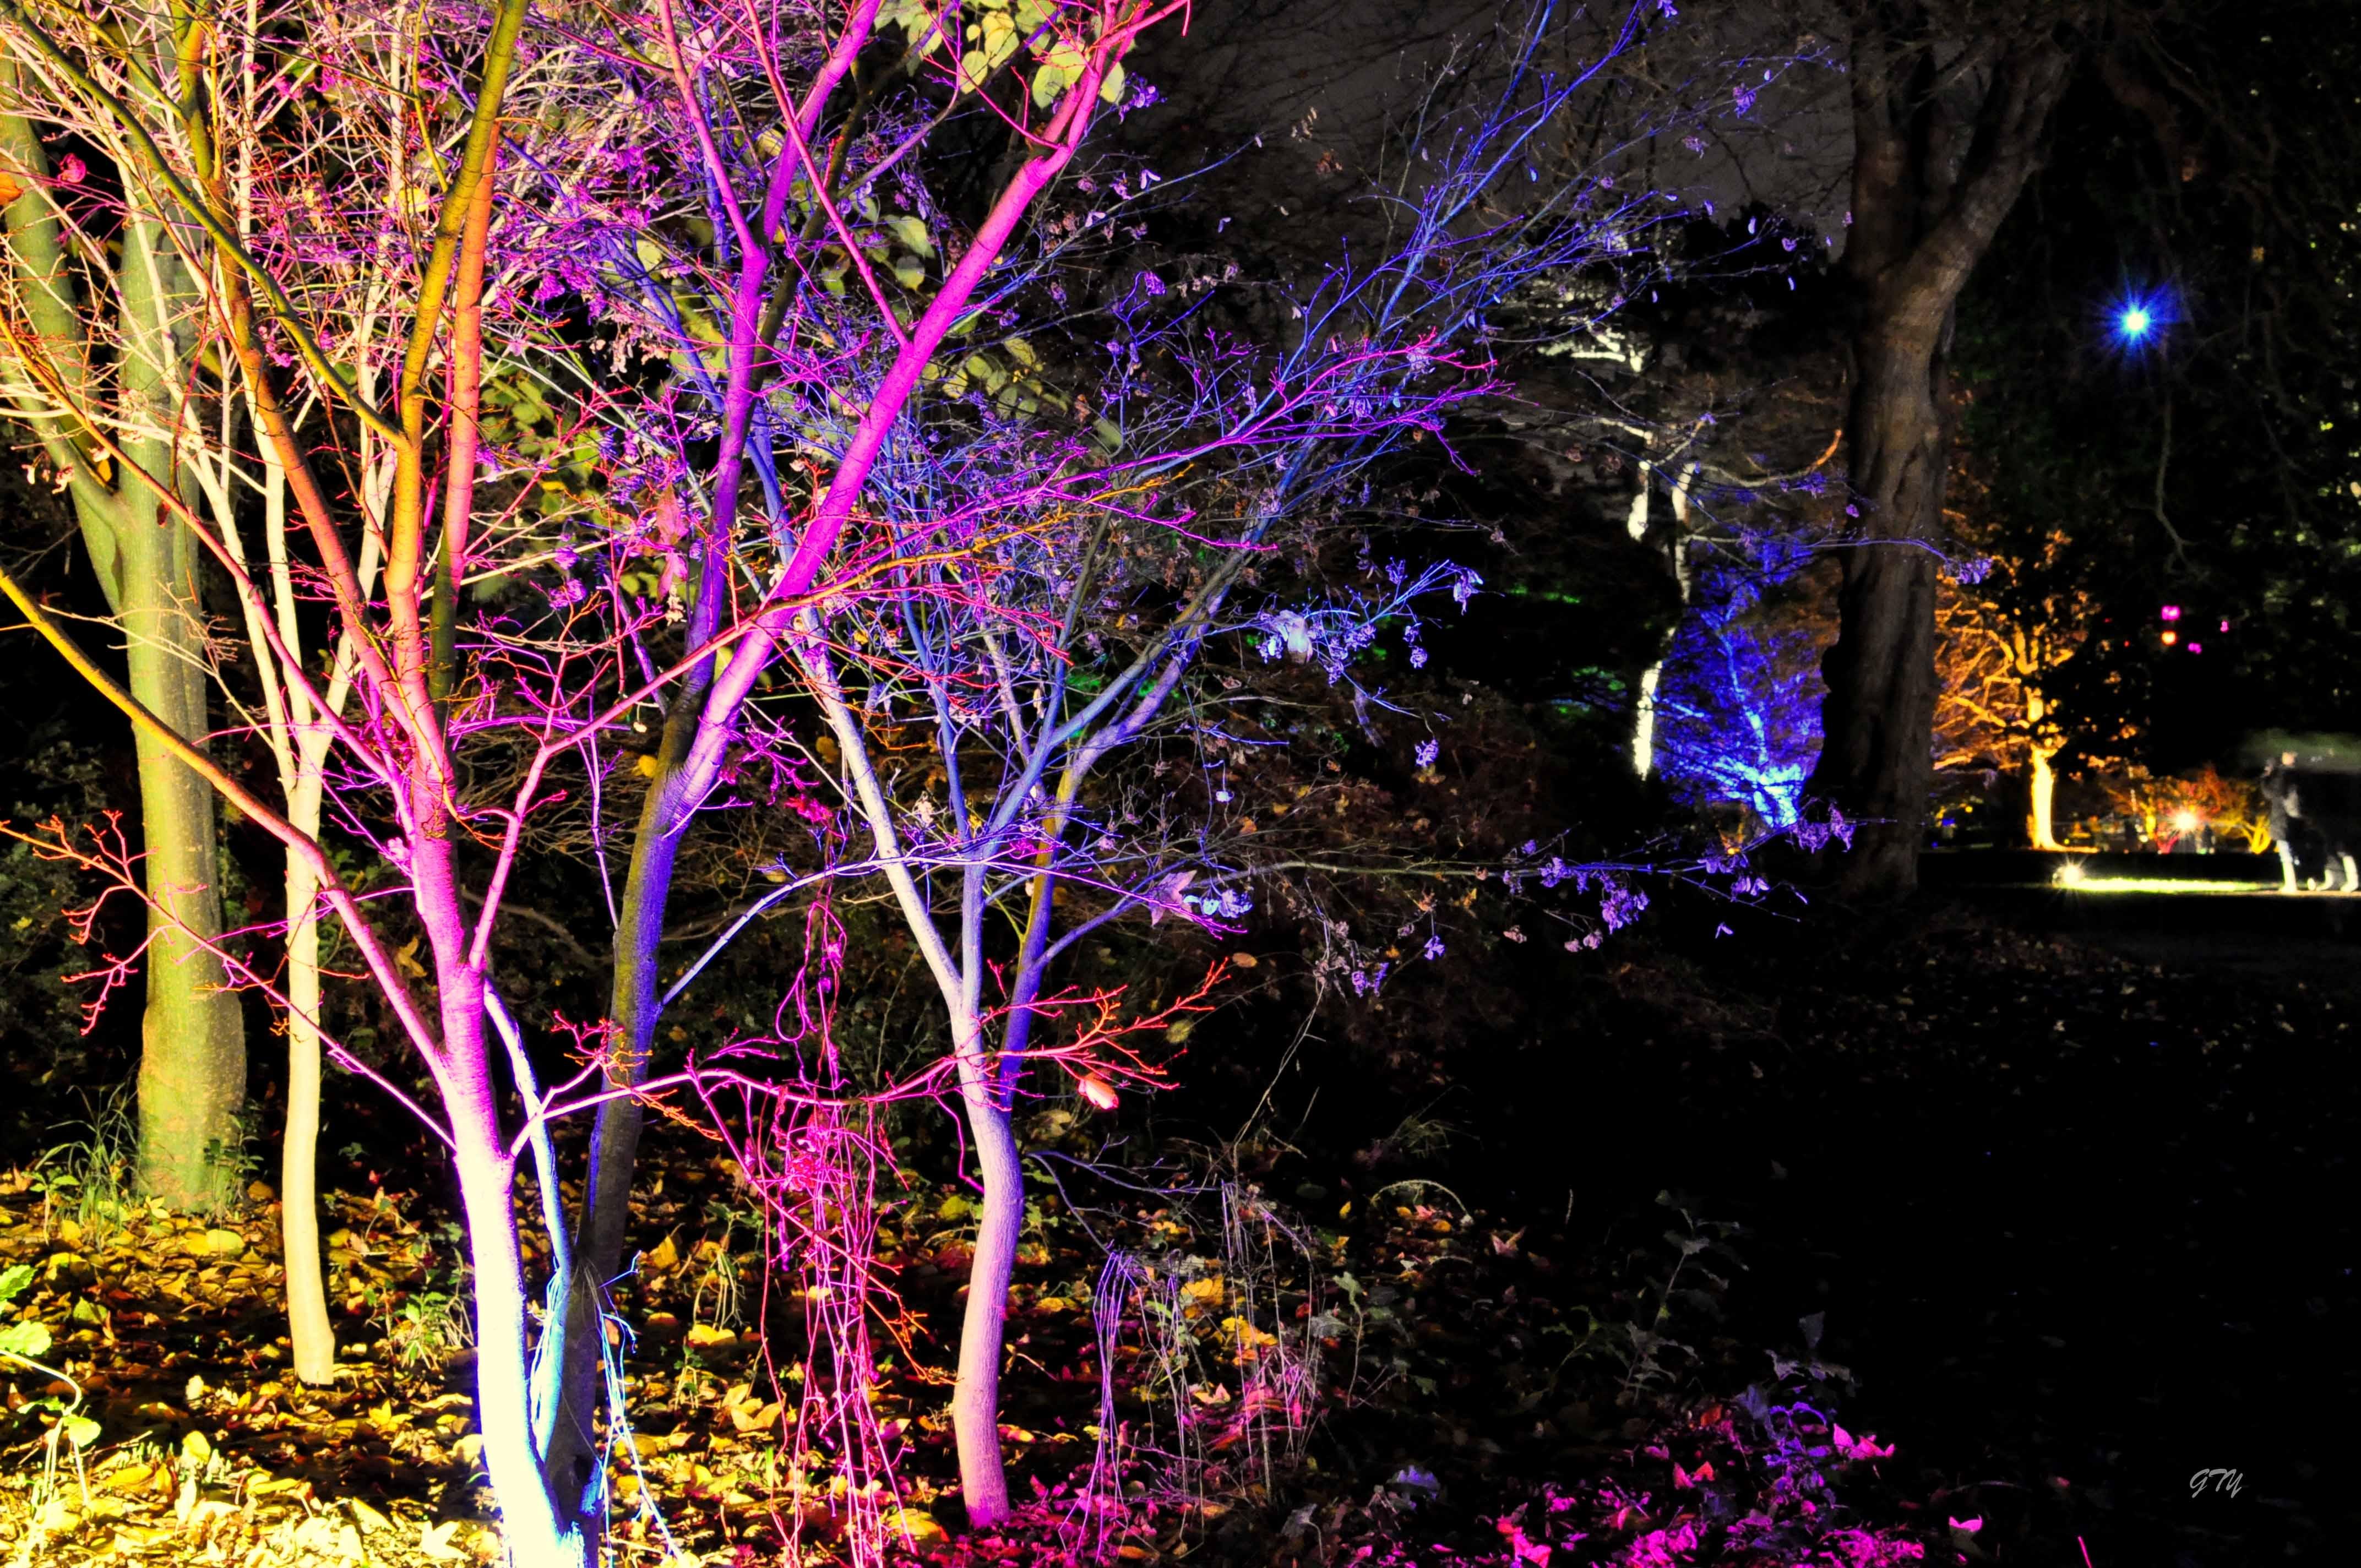 Enchanted Woodland